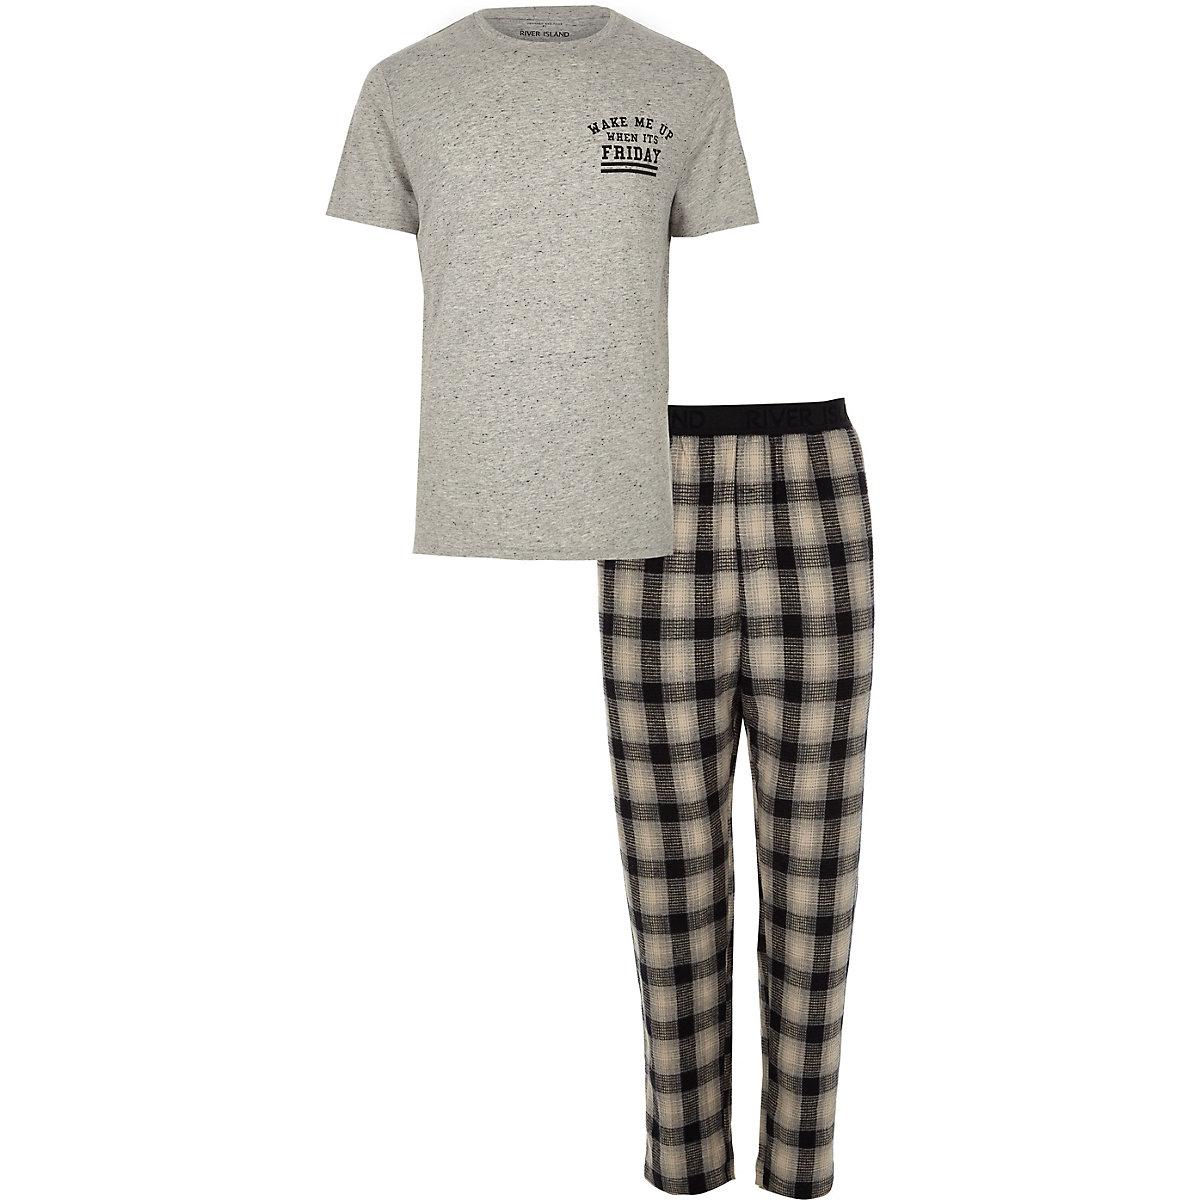 207ab24d4b239 Pyjama imprimé « wake me up » à carreaux gris - Pyjamas - Vêtements ...